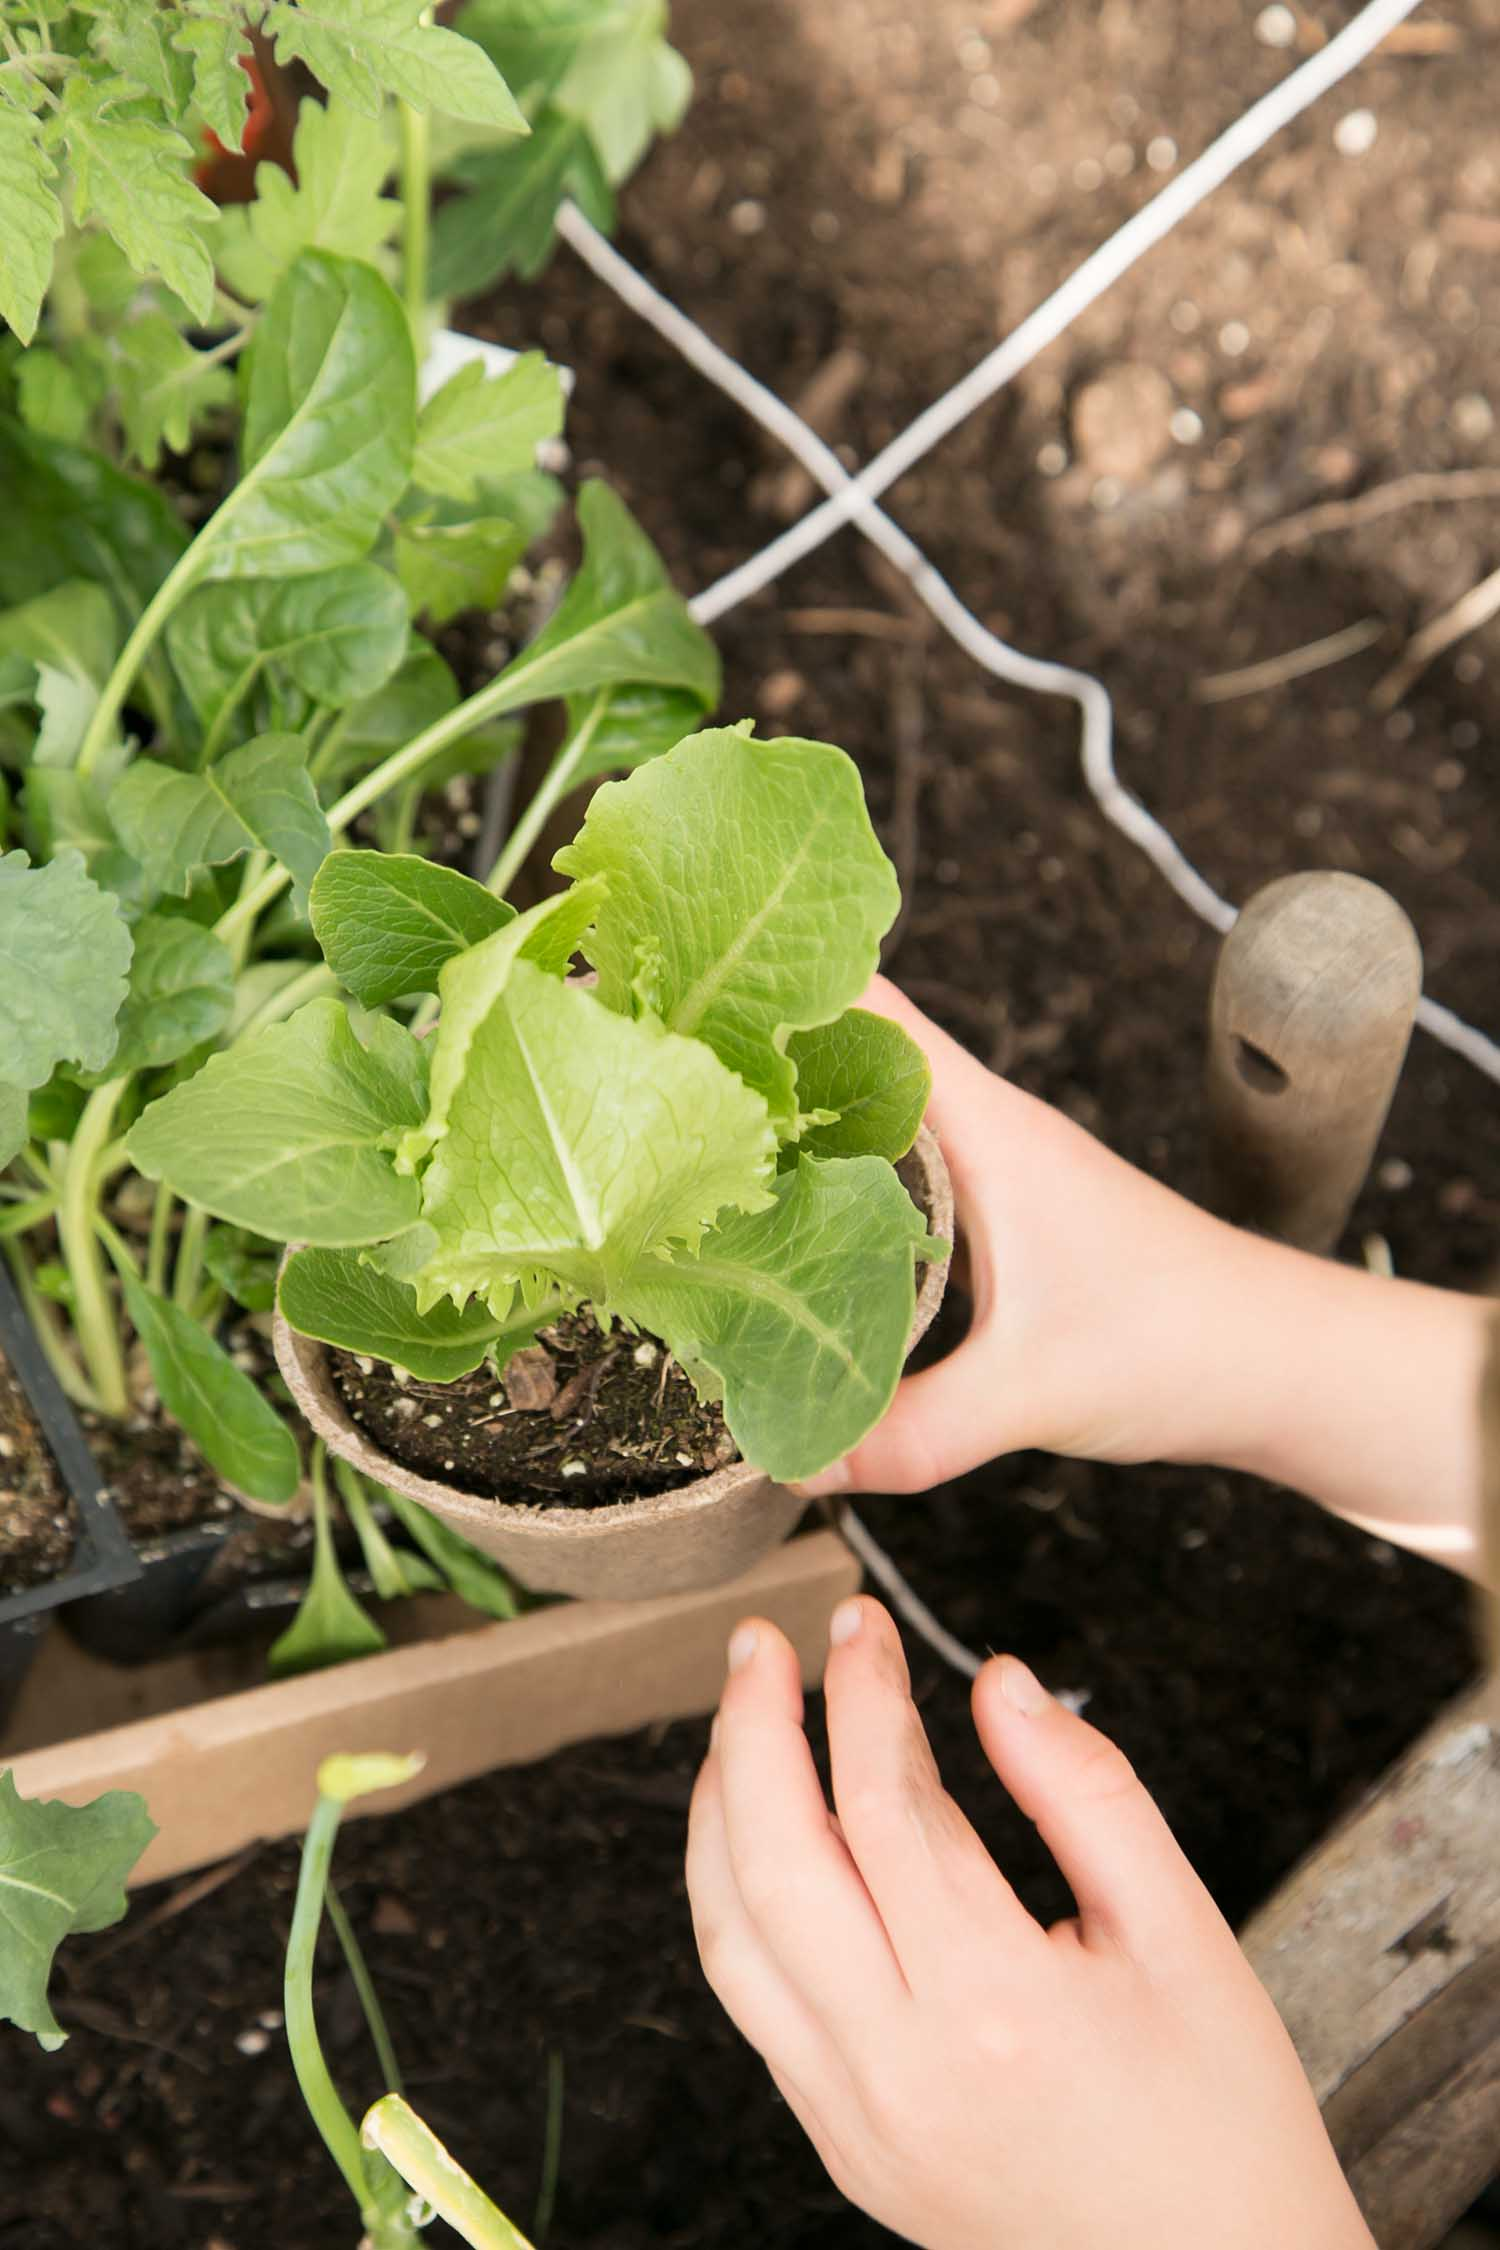 children's garden planting lettuce